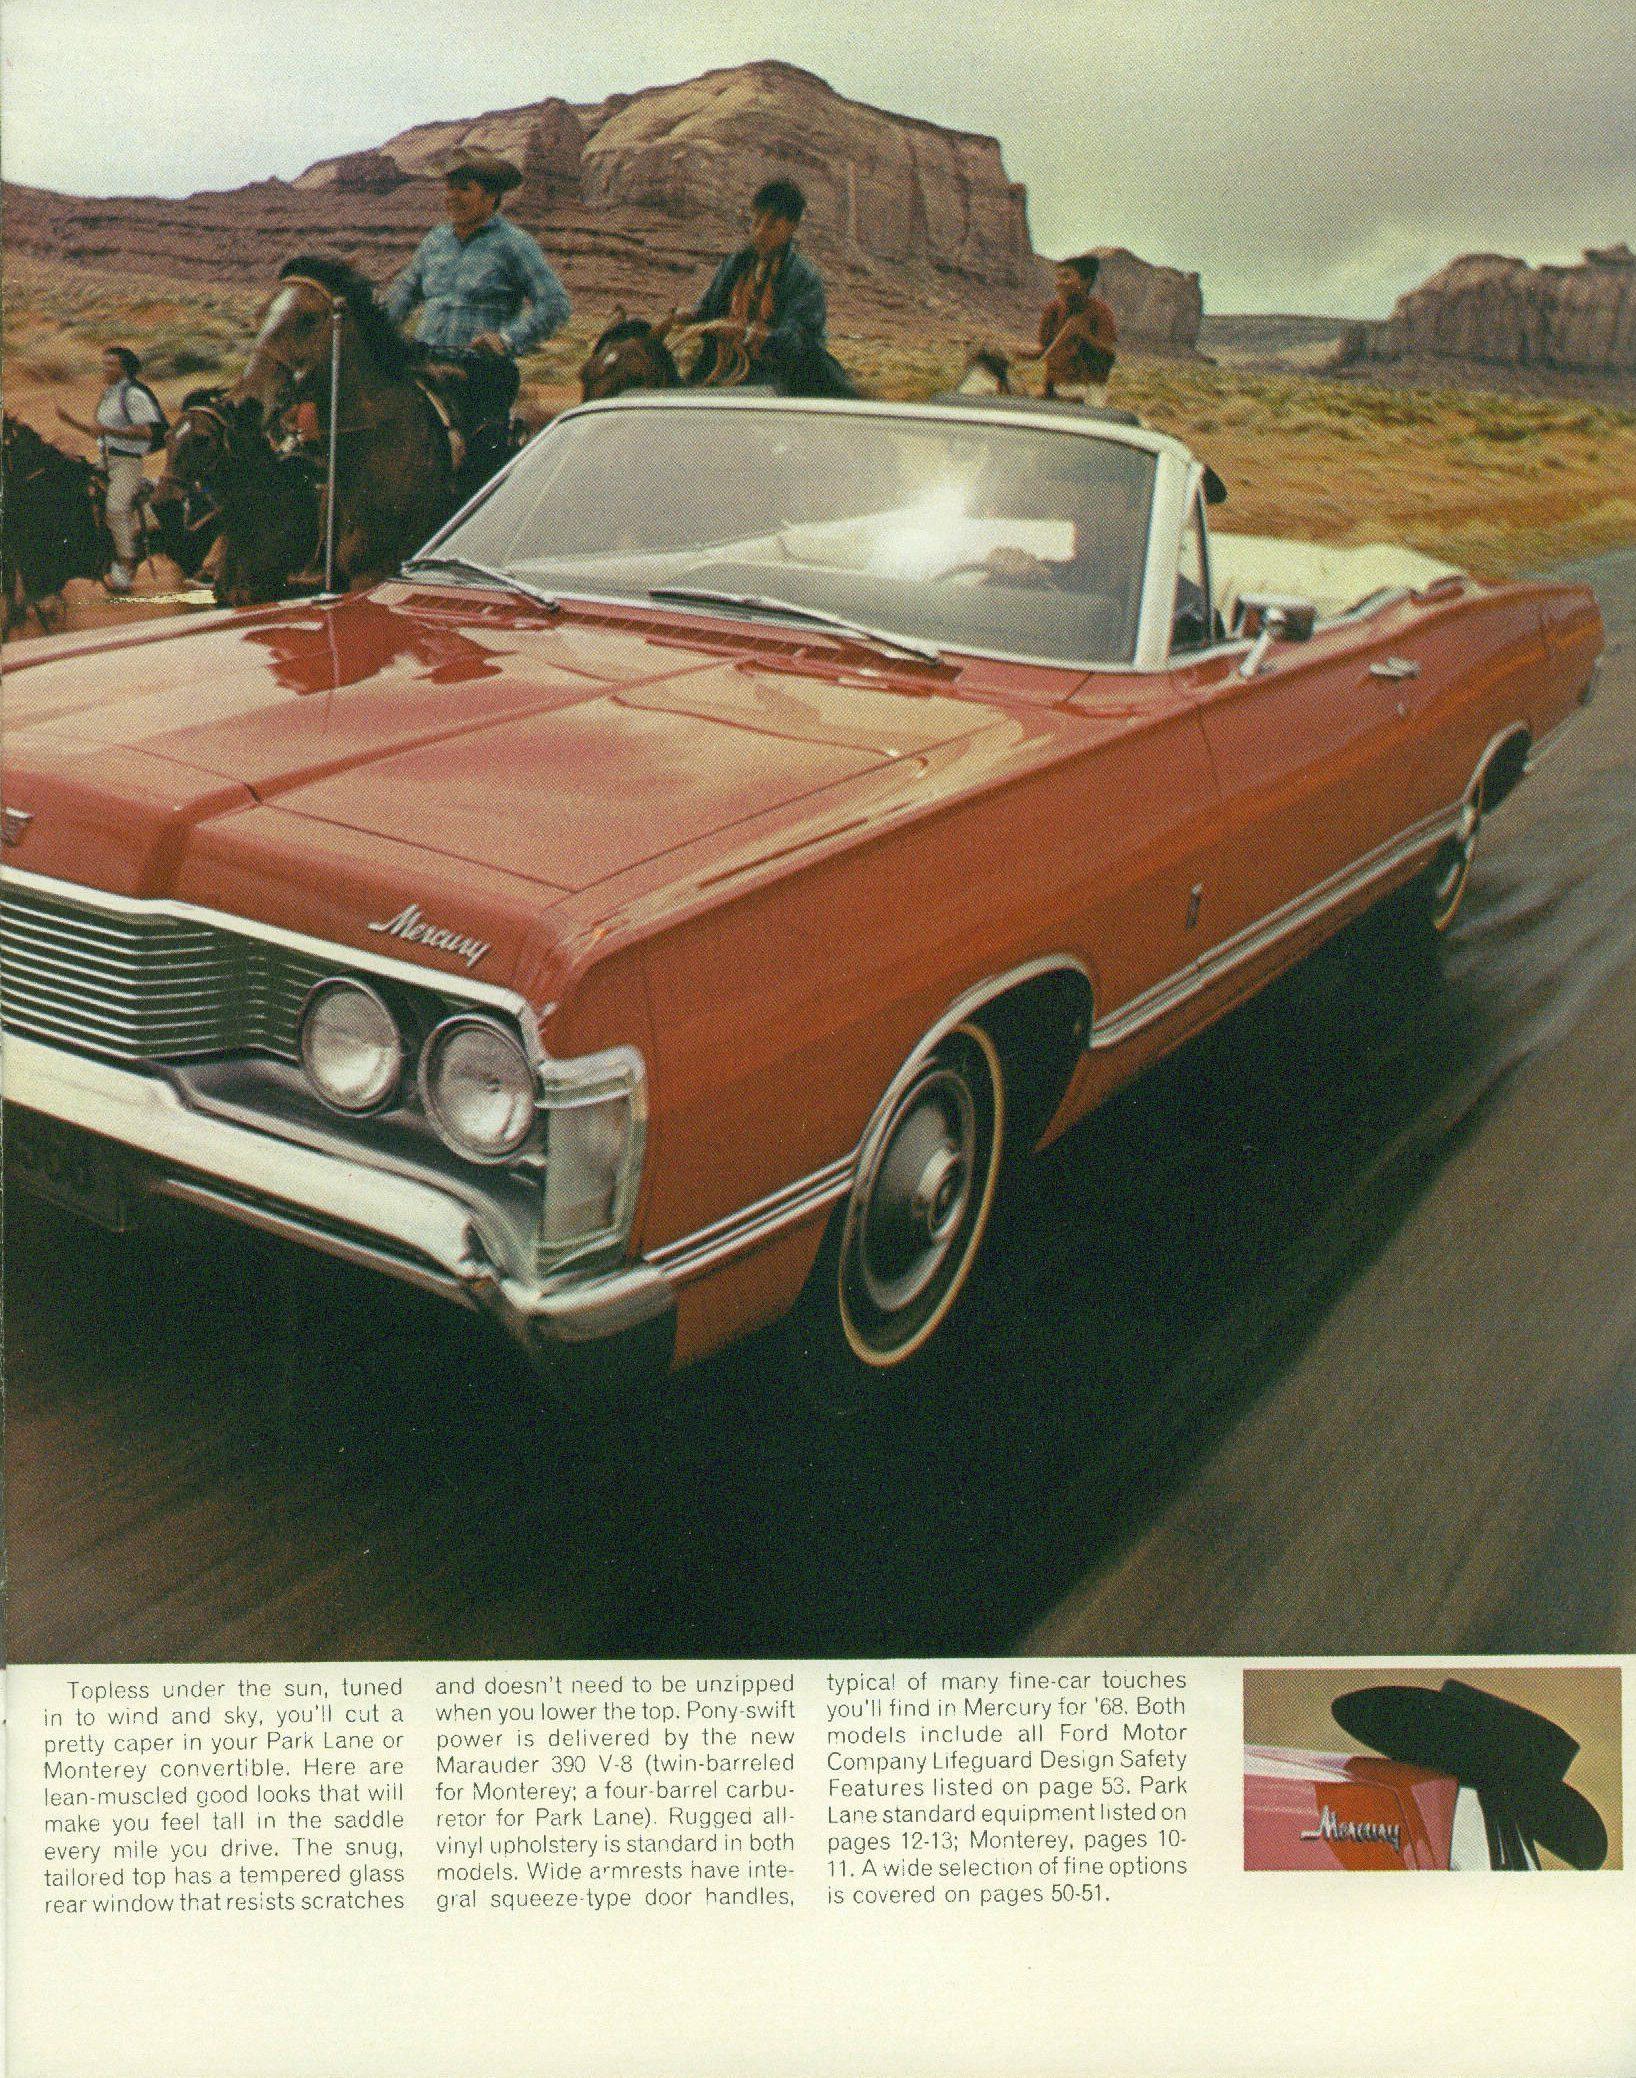 1968 Mercury full size sedan brochure right